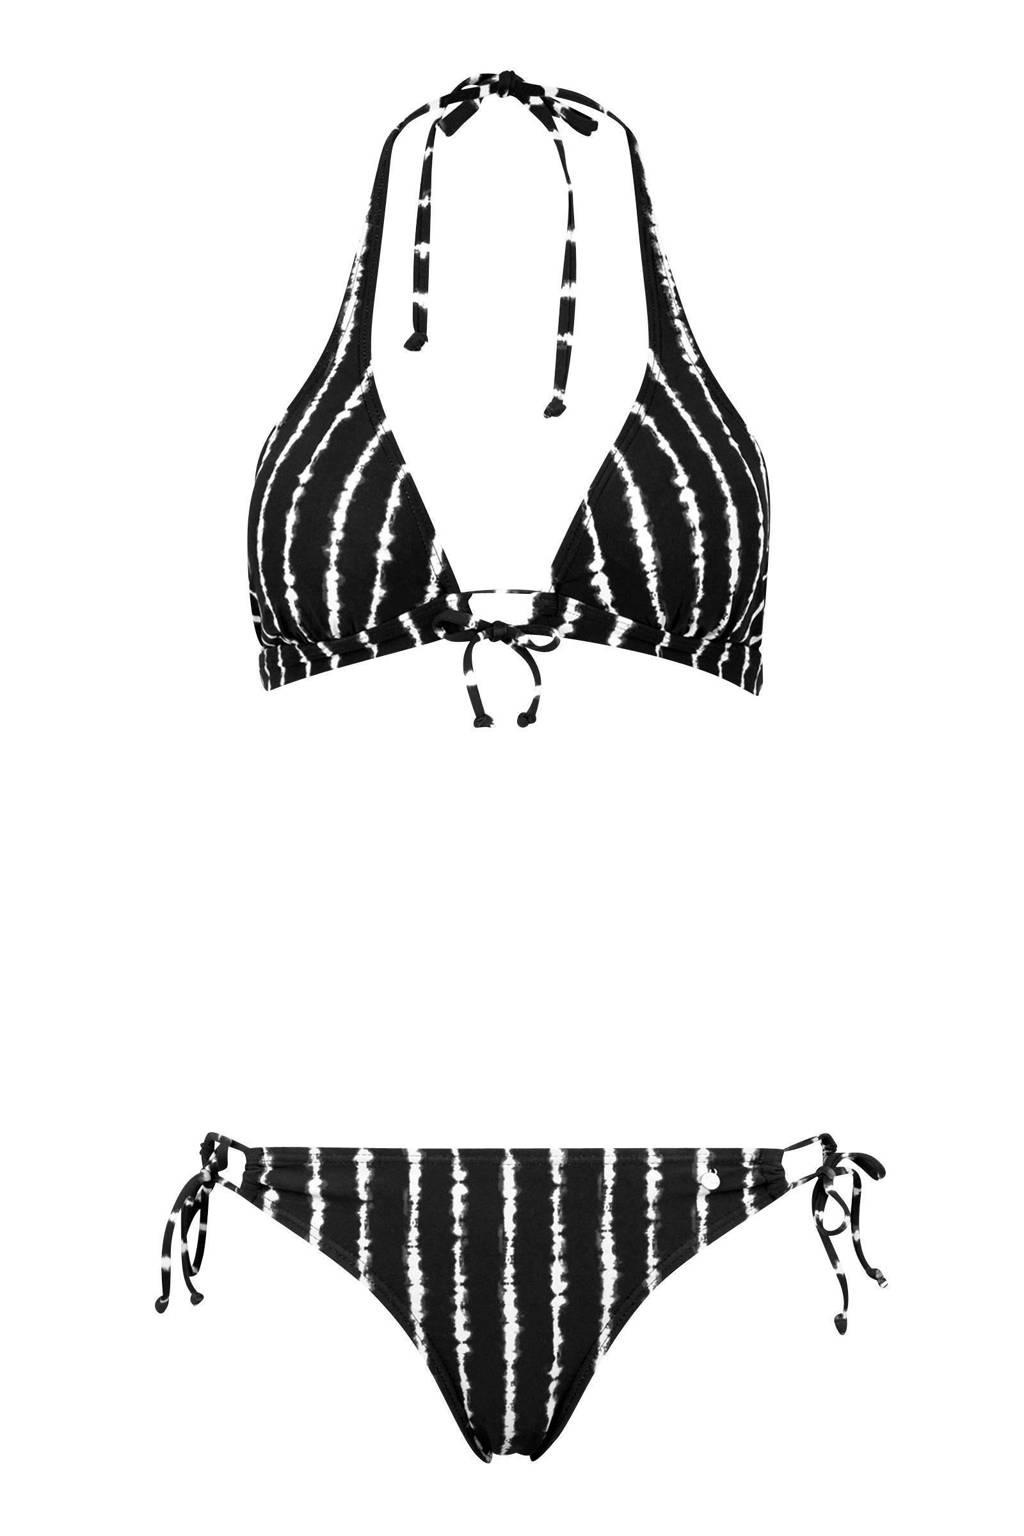 s.Oliver gestreepte halter bikini zwart, Zwart/wit